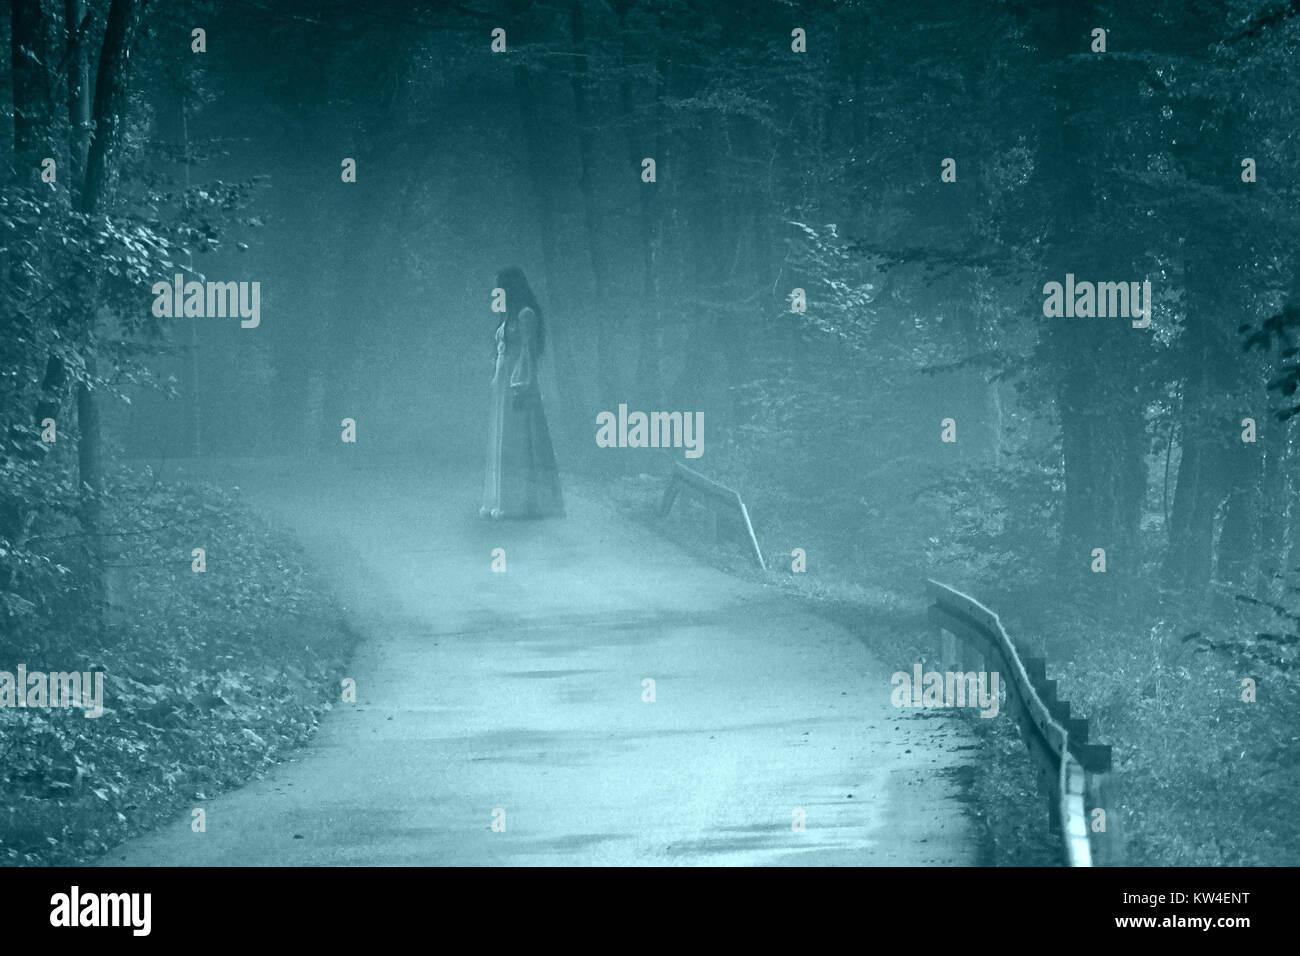 Mystérieuse Femme Ghost en robe blanche dans la forêt brumeuse, vintage filtre bruit routier Photo Stock